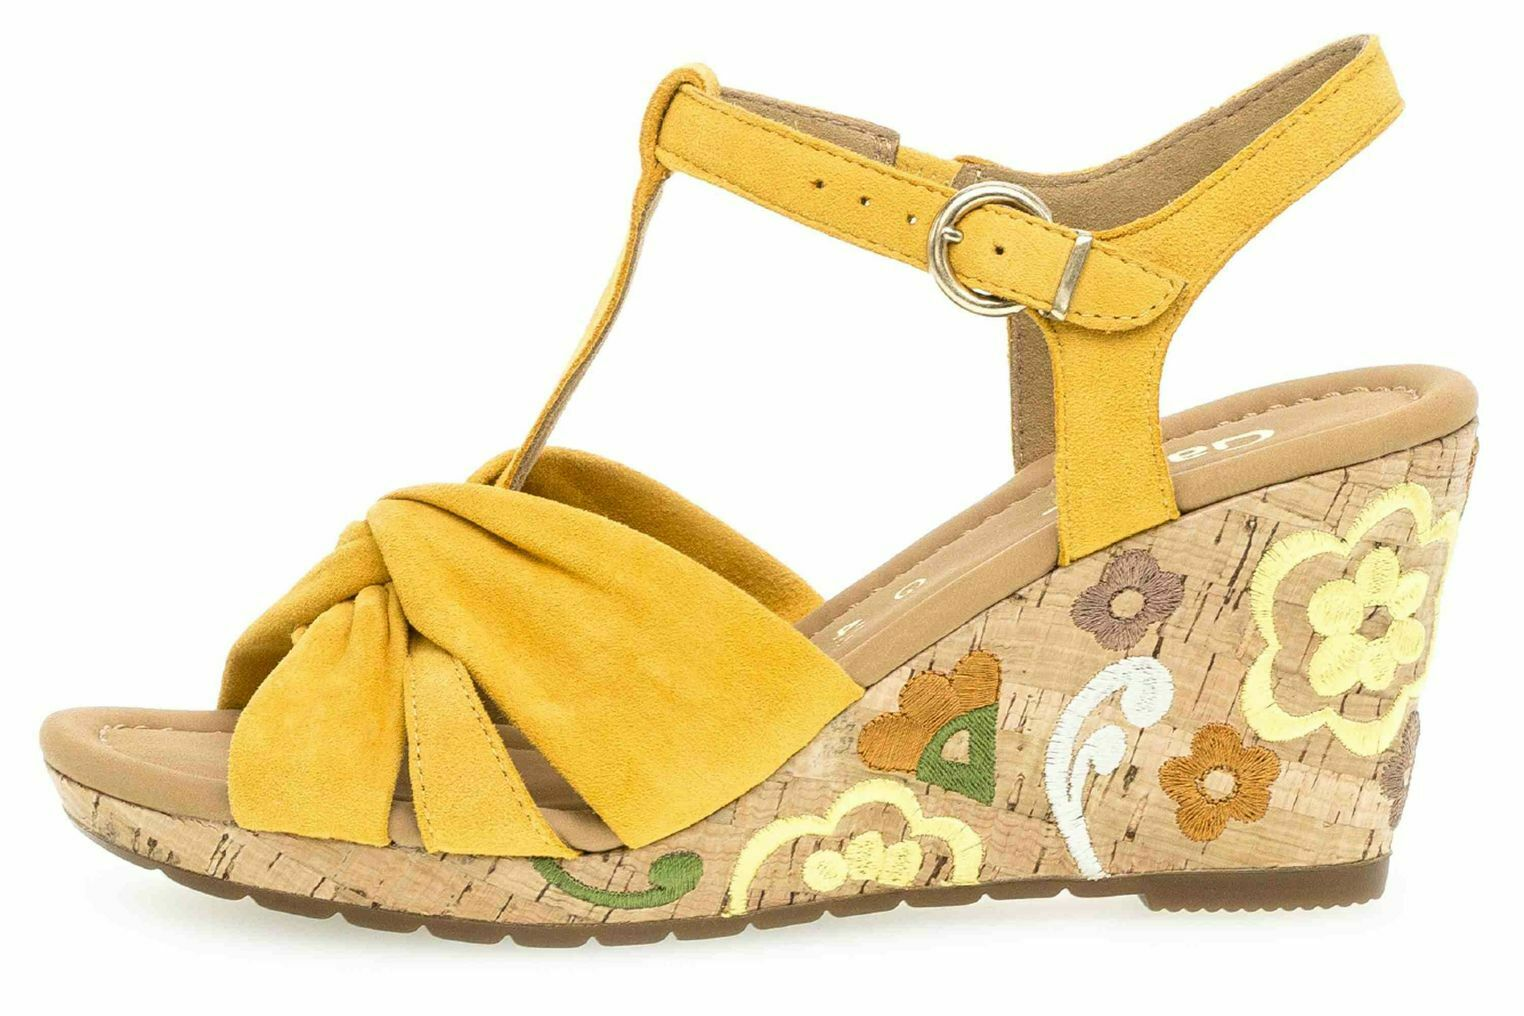 Gabor Comfort Sport sandalias en pijama rojo 22.828.22 grandes zapatos señora